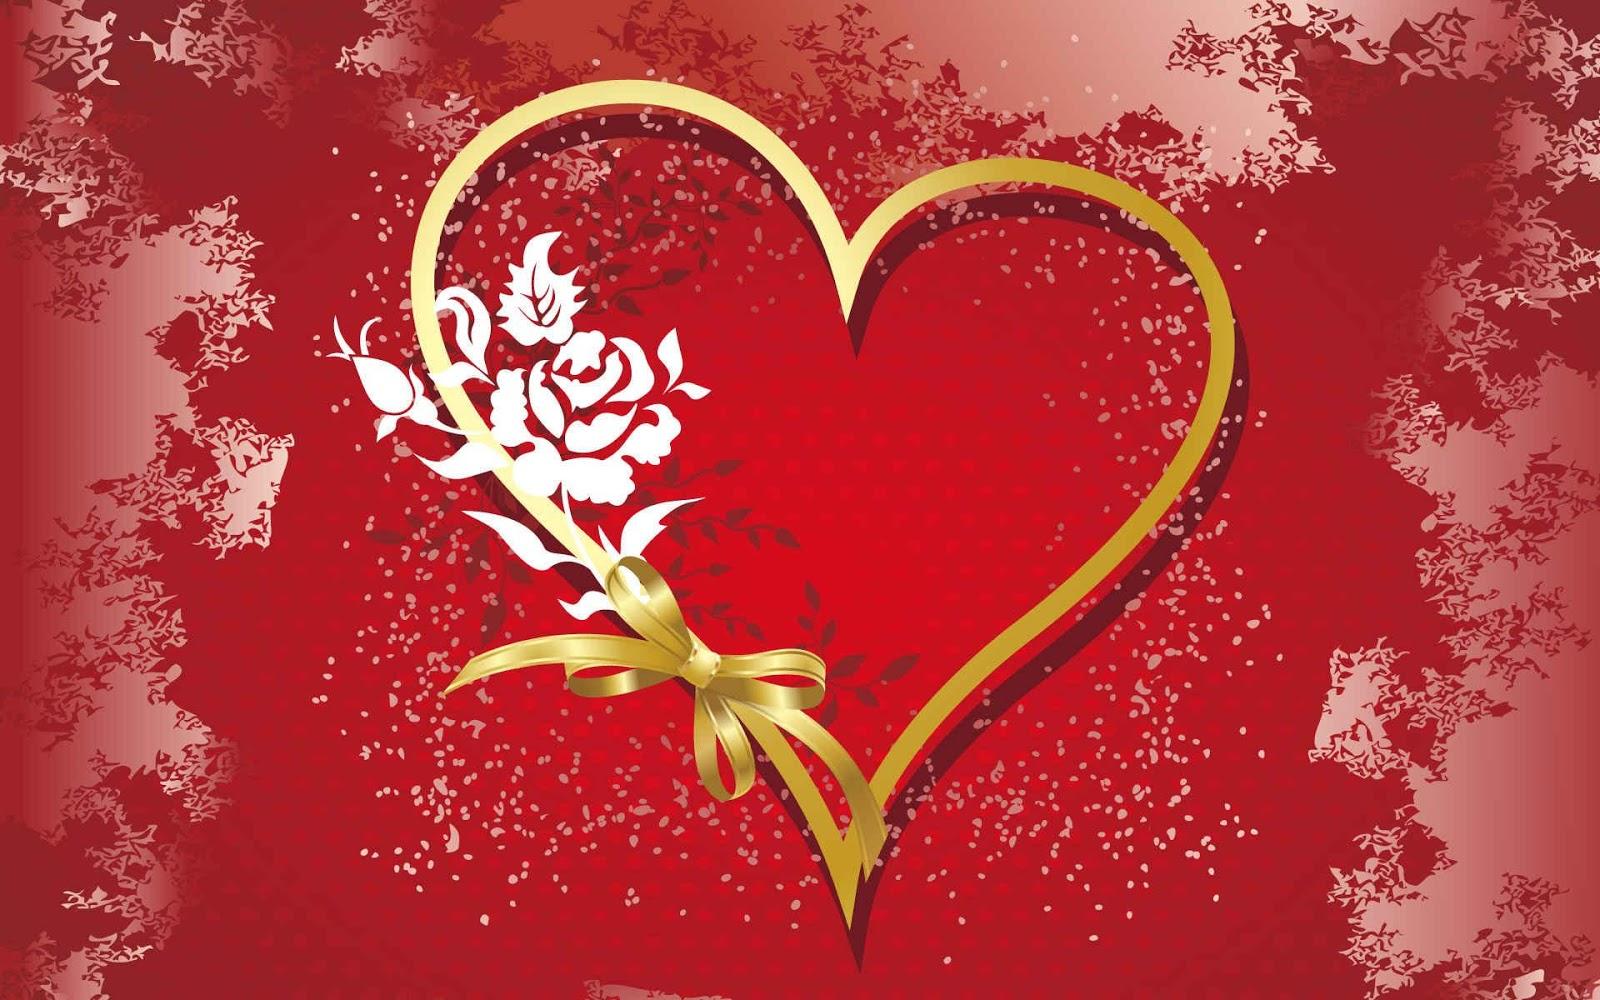 بالصور بطاقات حب , بطاقات التهانى و اجملهم بالحب 251 2